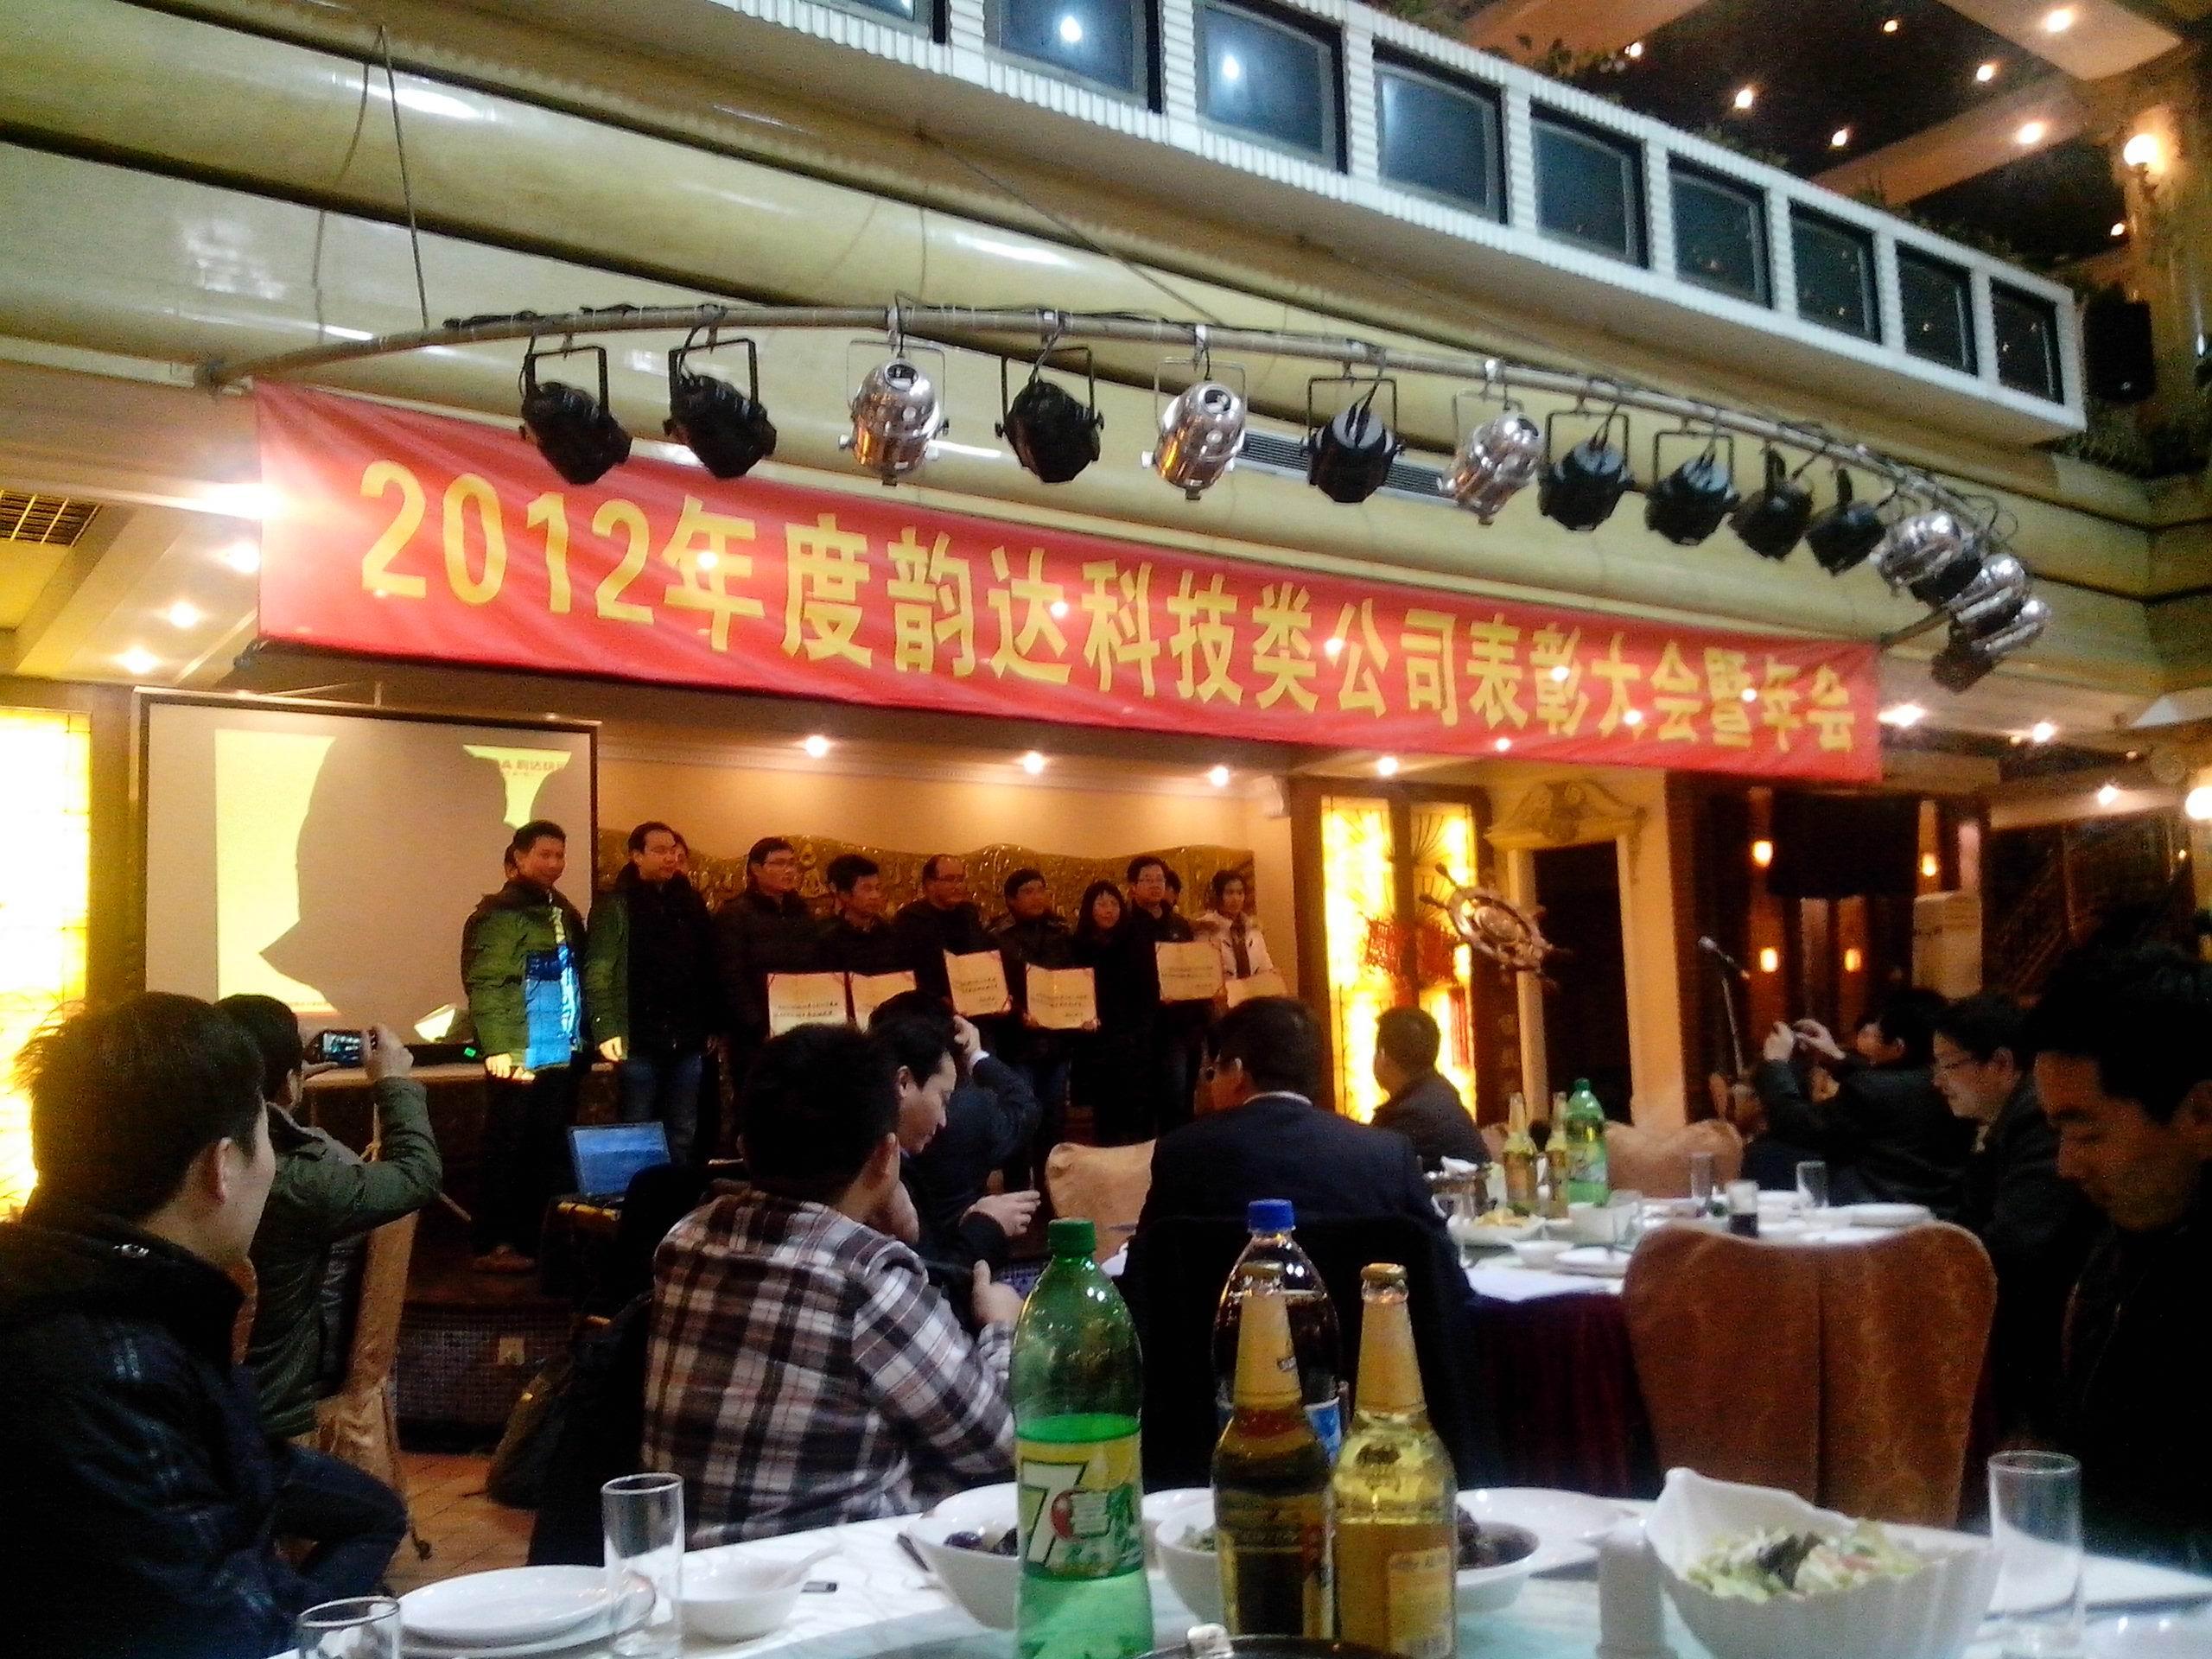 公司总经理应邀出席韵达科技类公司表彰大会(2013/01/05)